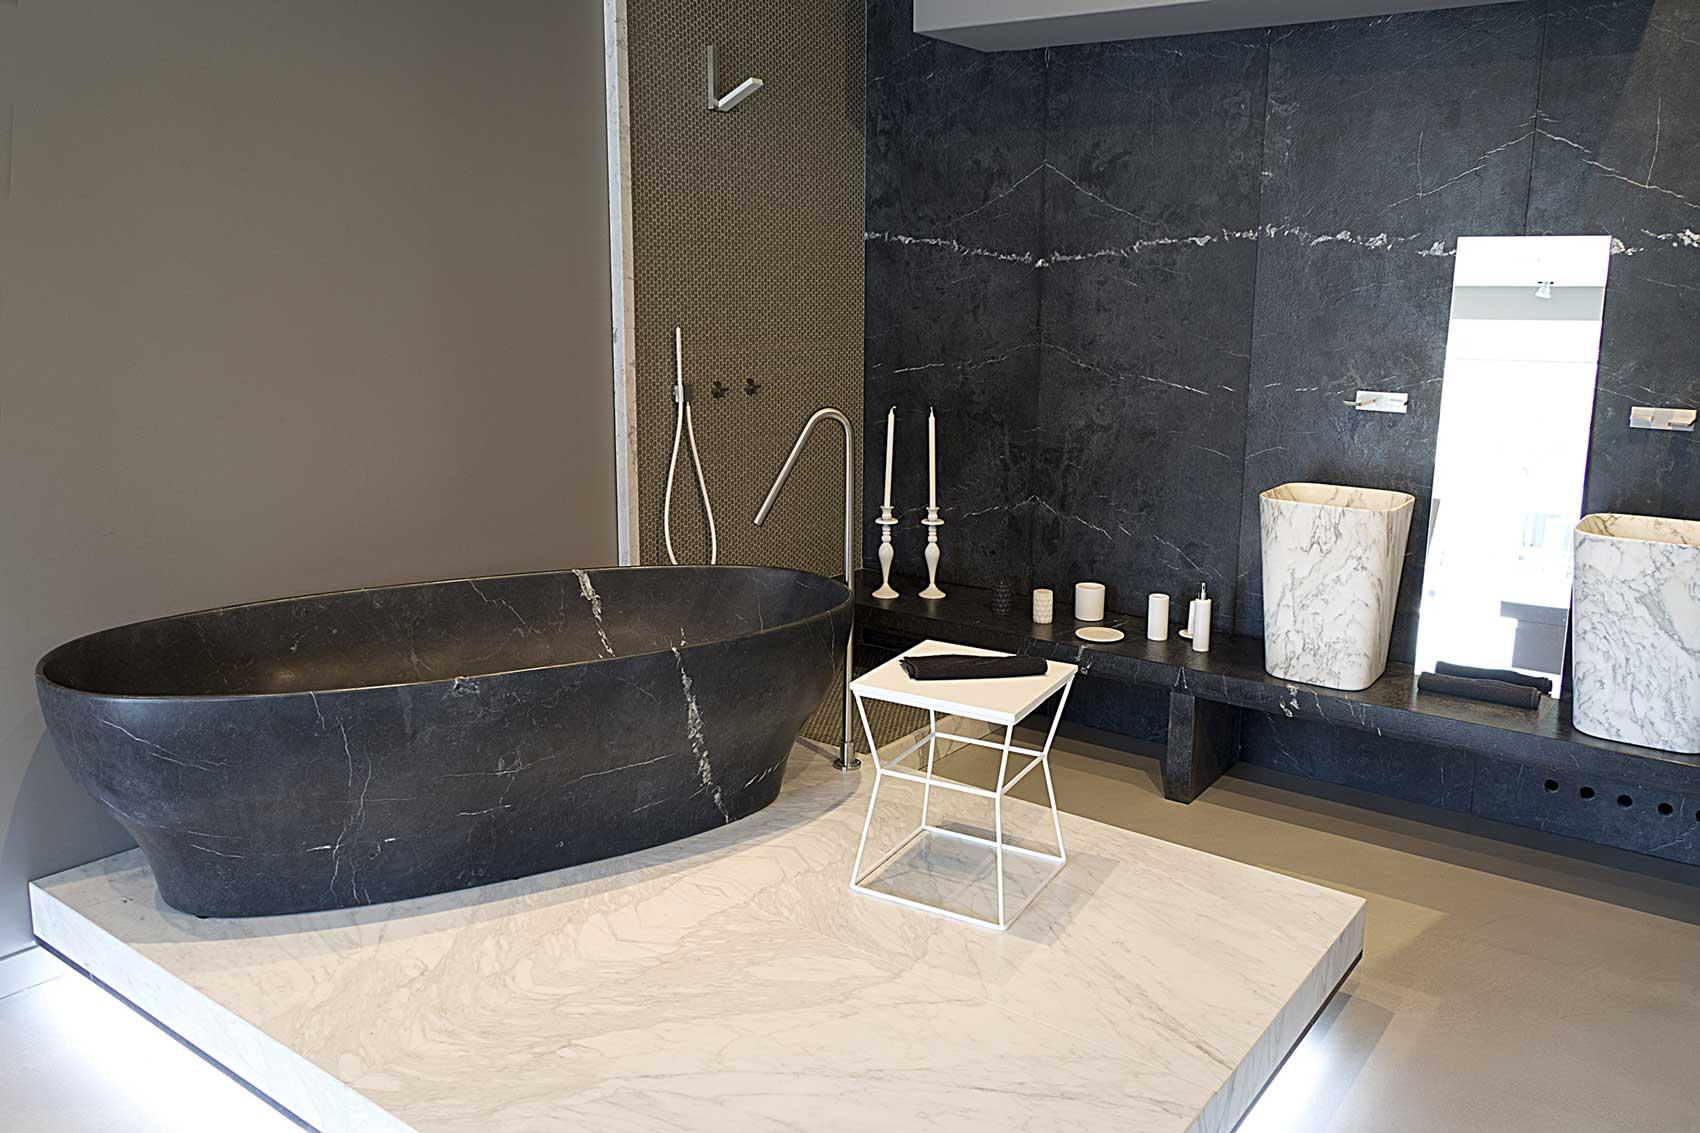 Bagni In Marmo Nero : Portfolio esposizione bagno con vasca in marmo nero naldi